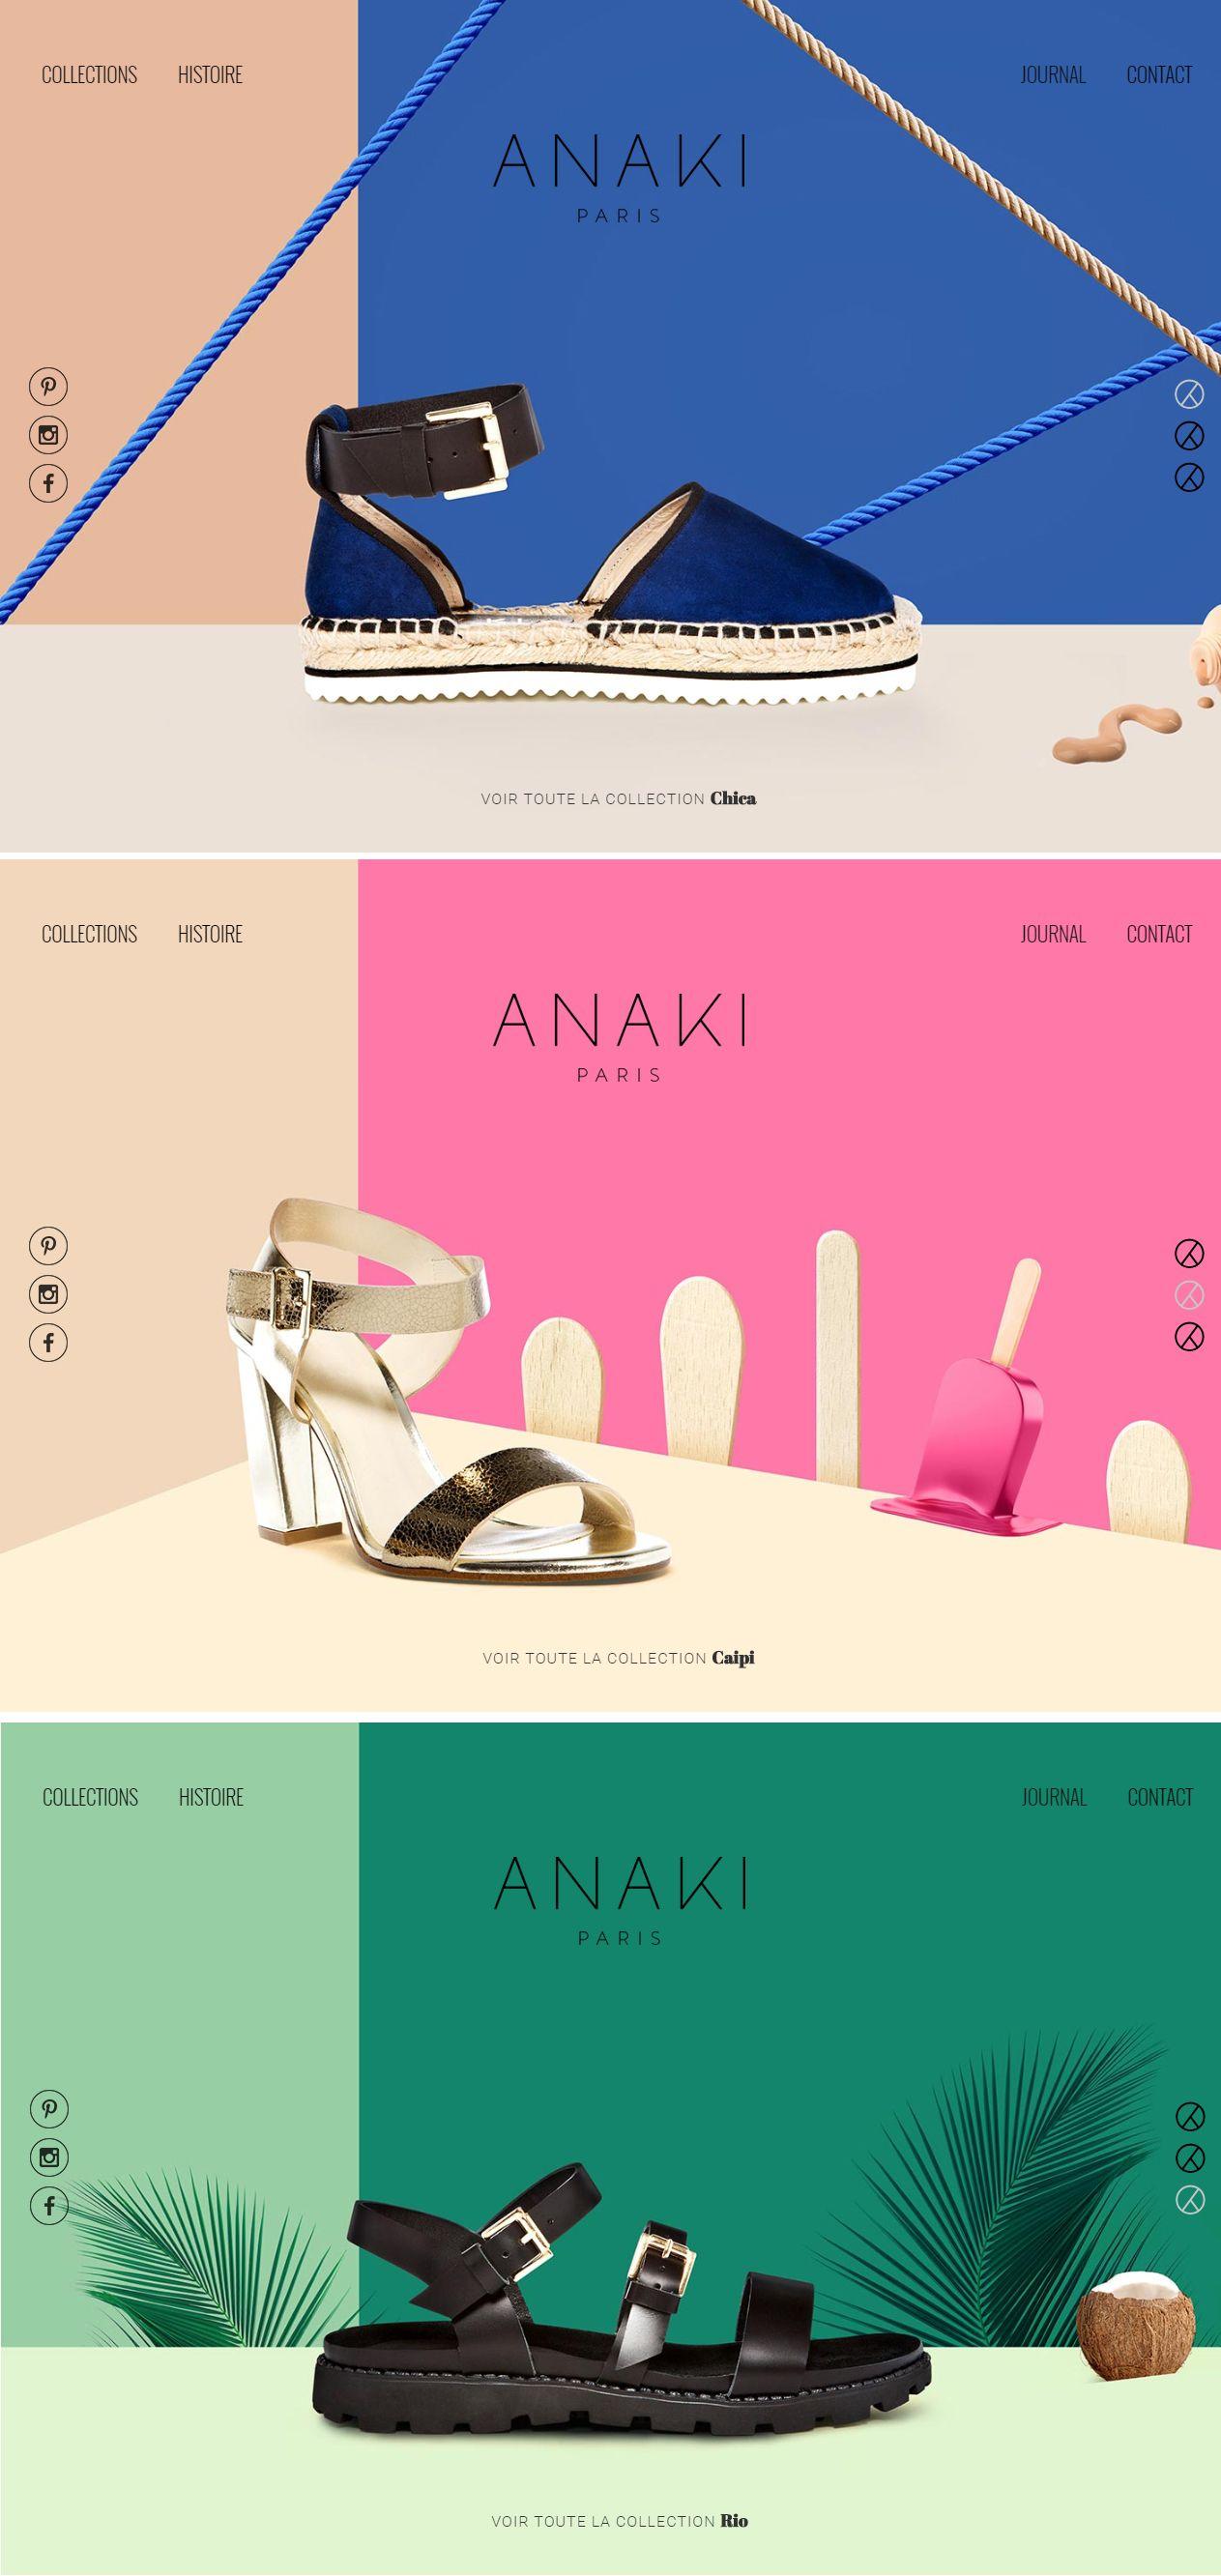 Nouveau website d'Anaki